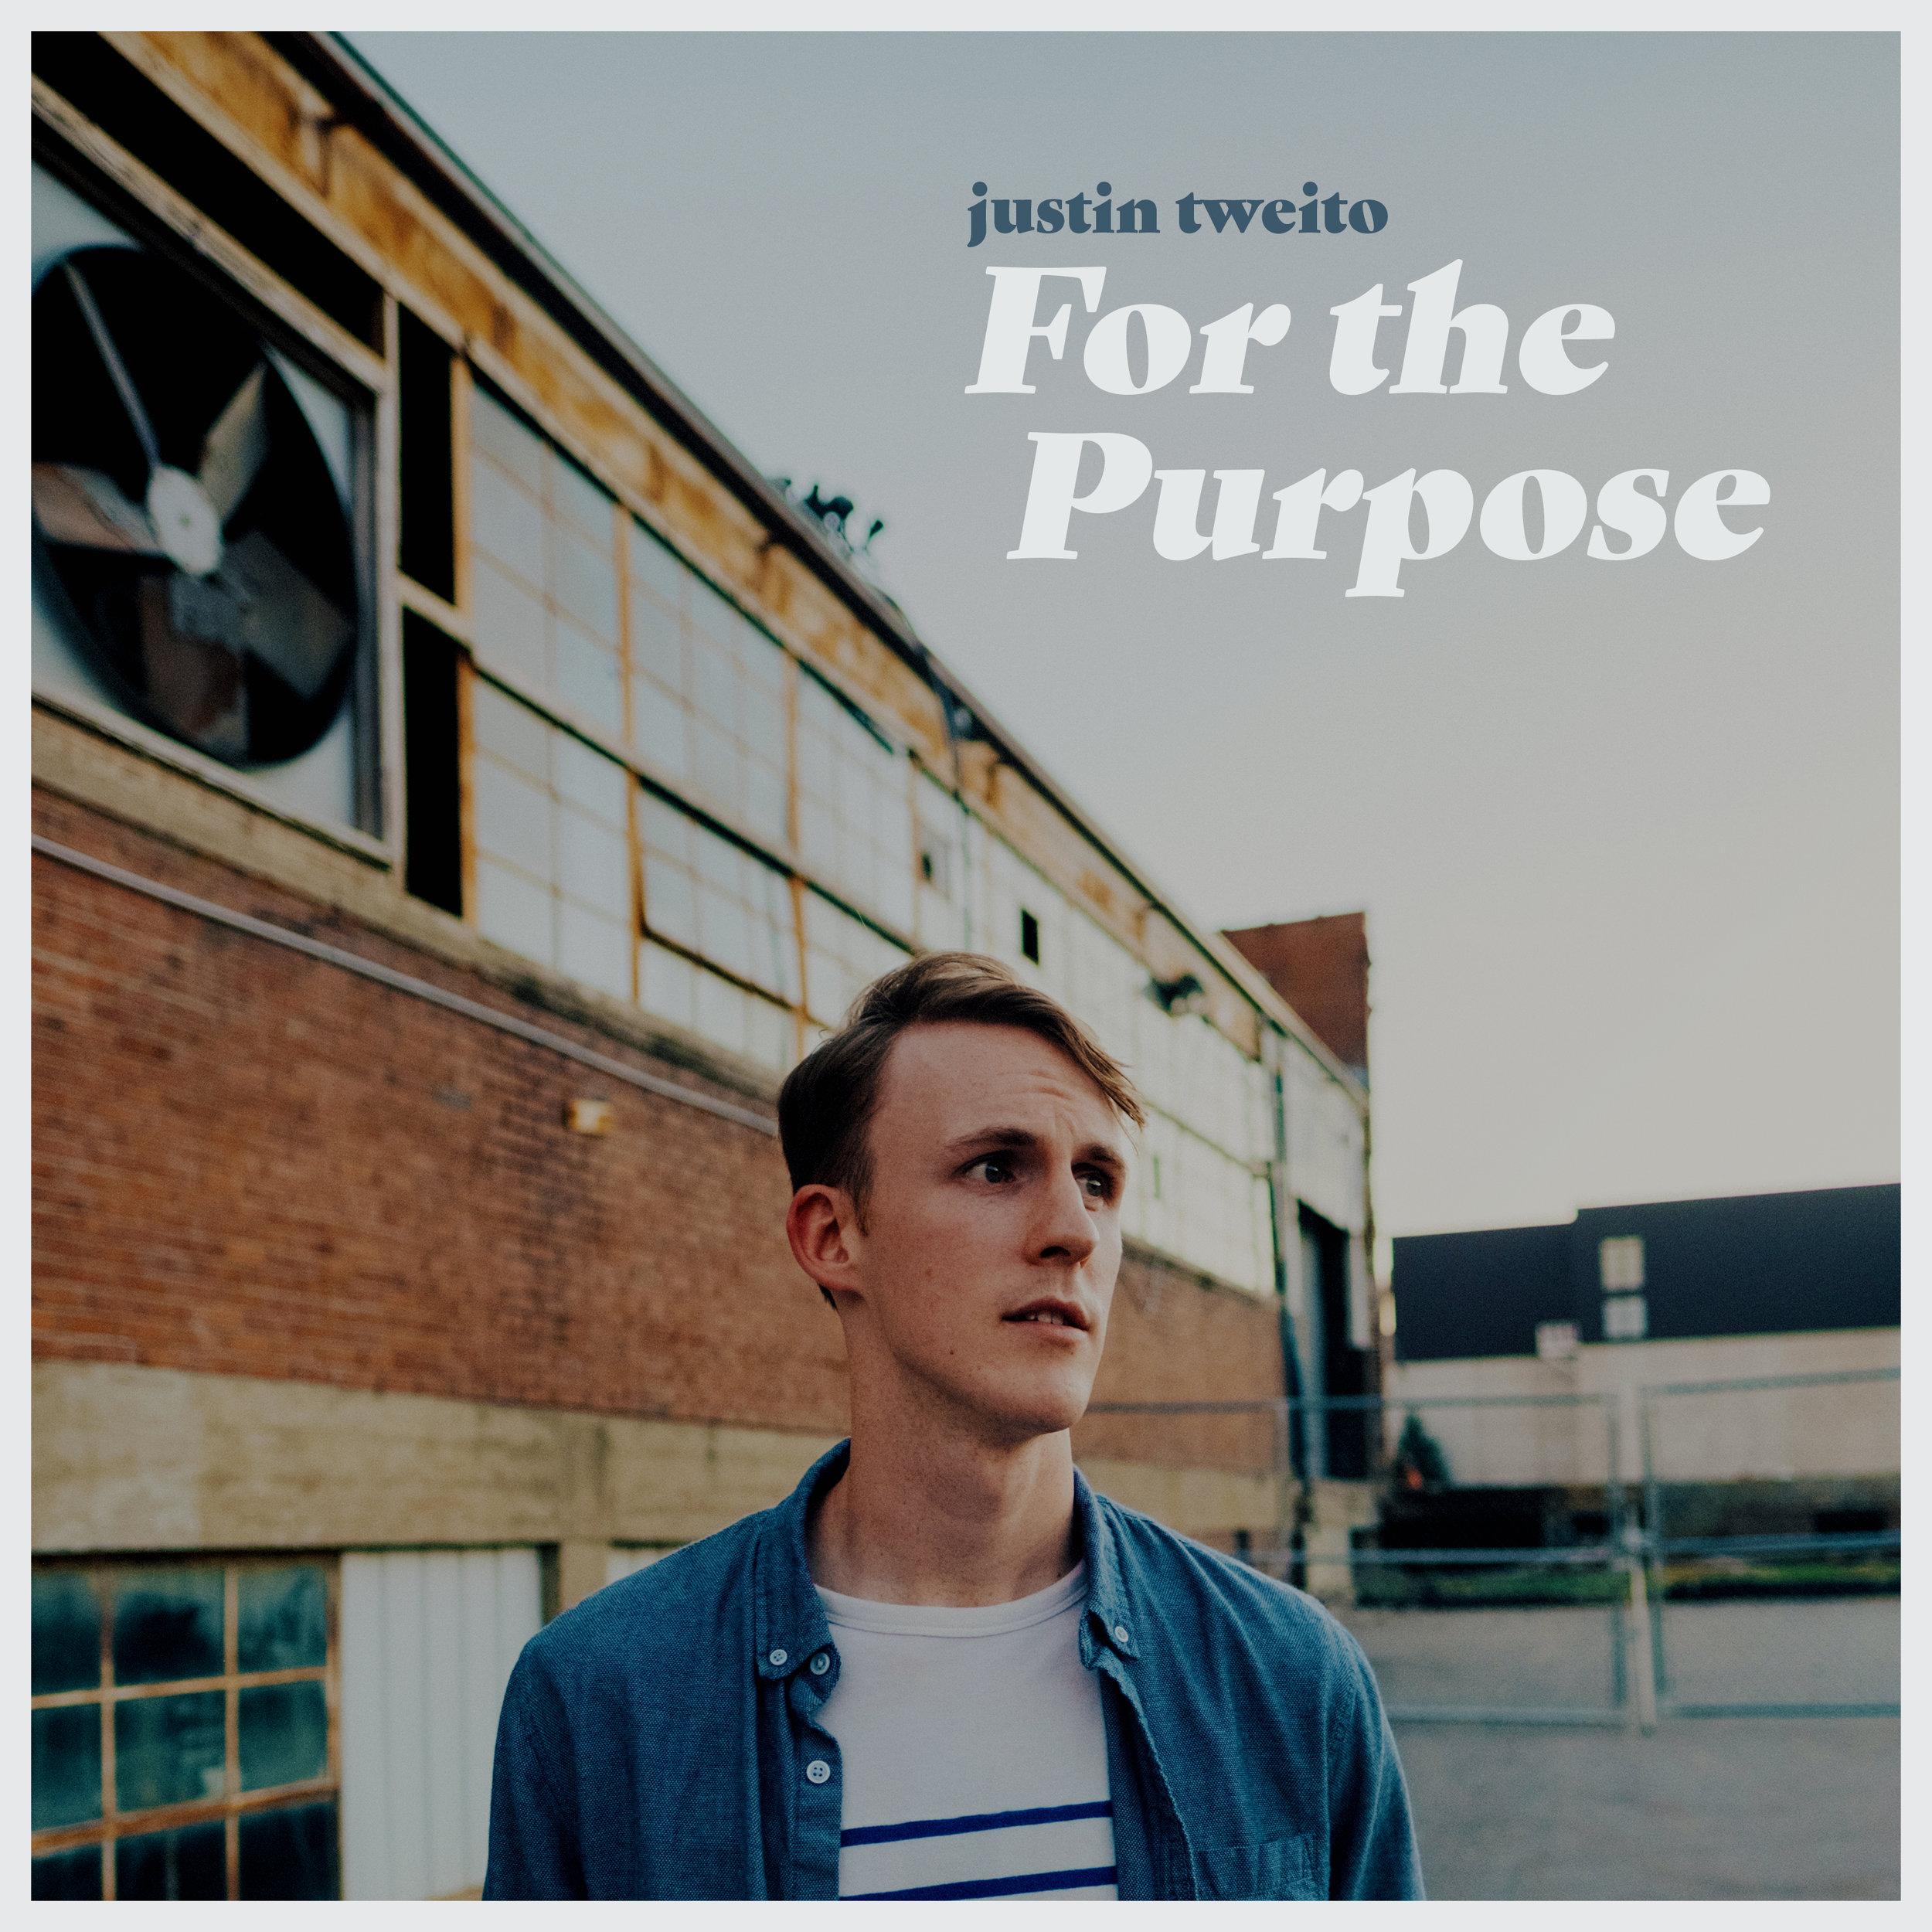 Justin Tweito: For the Purpose